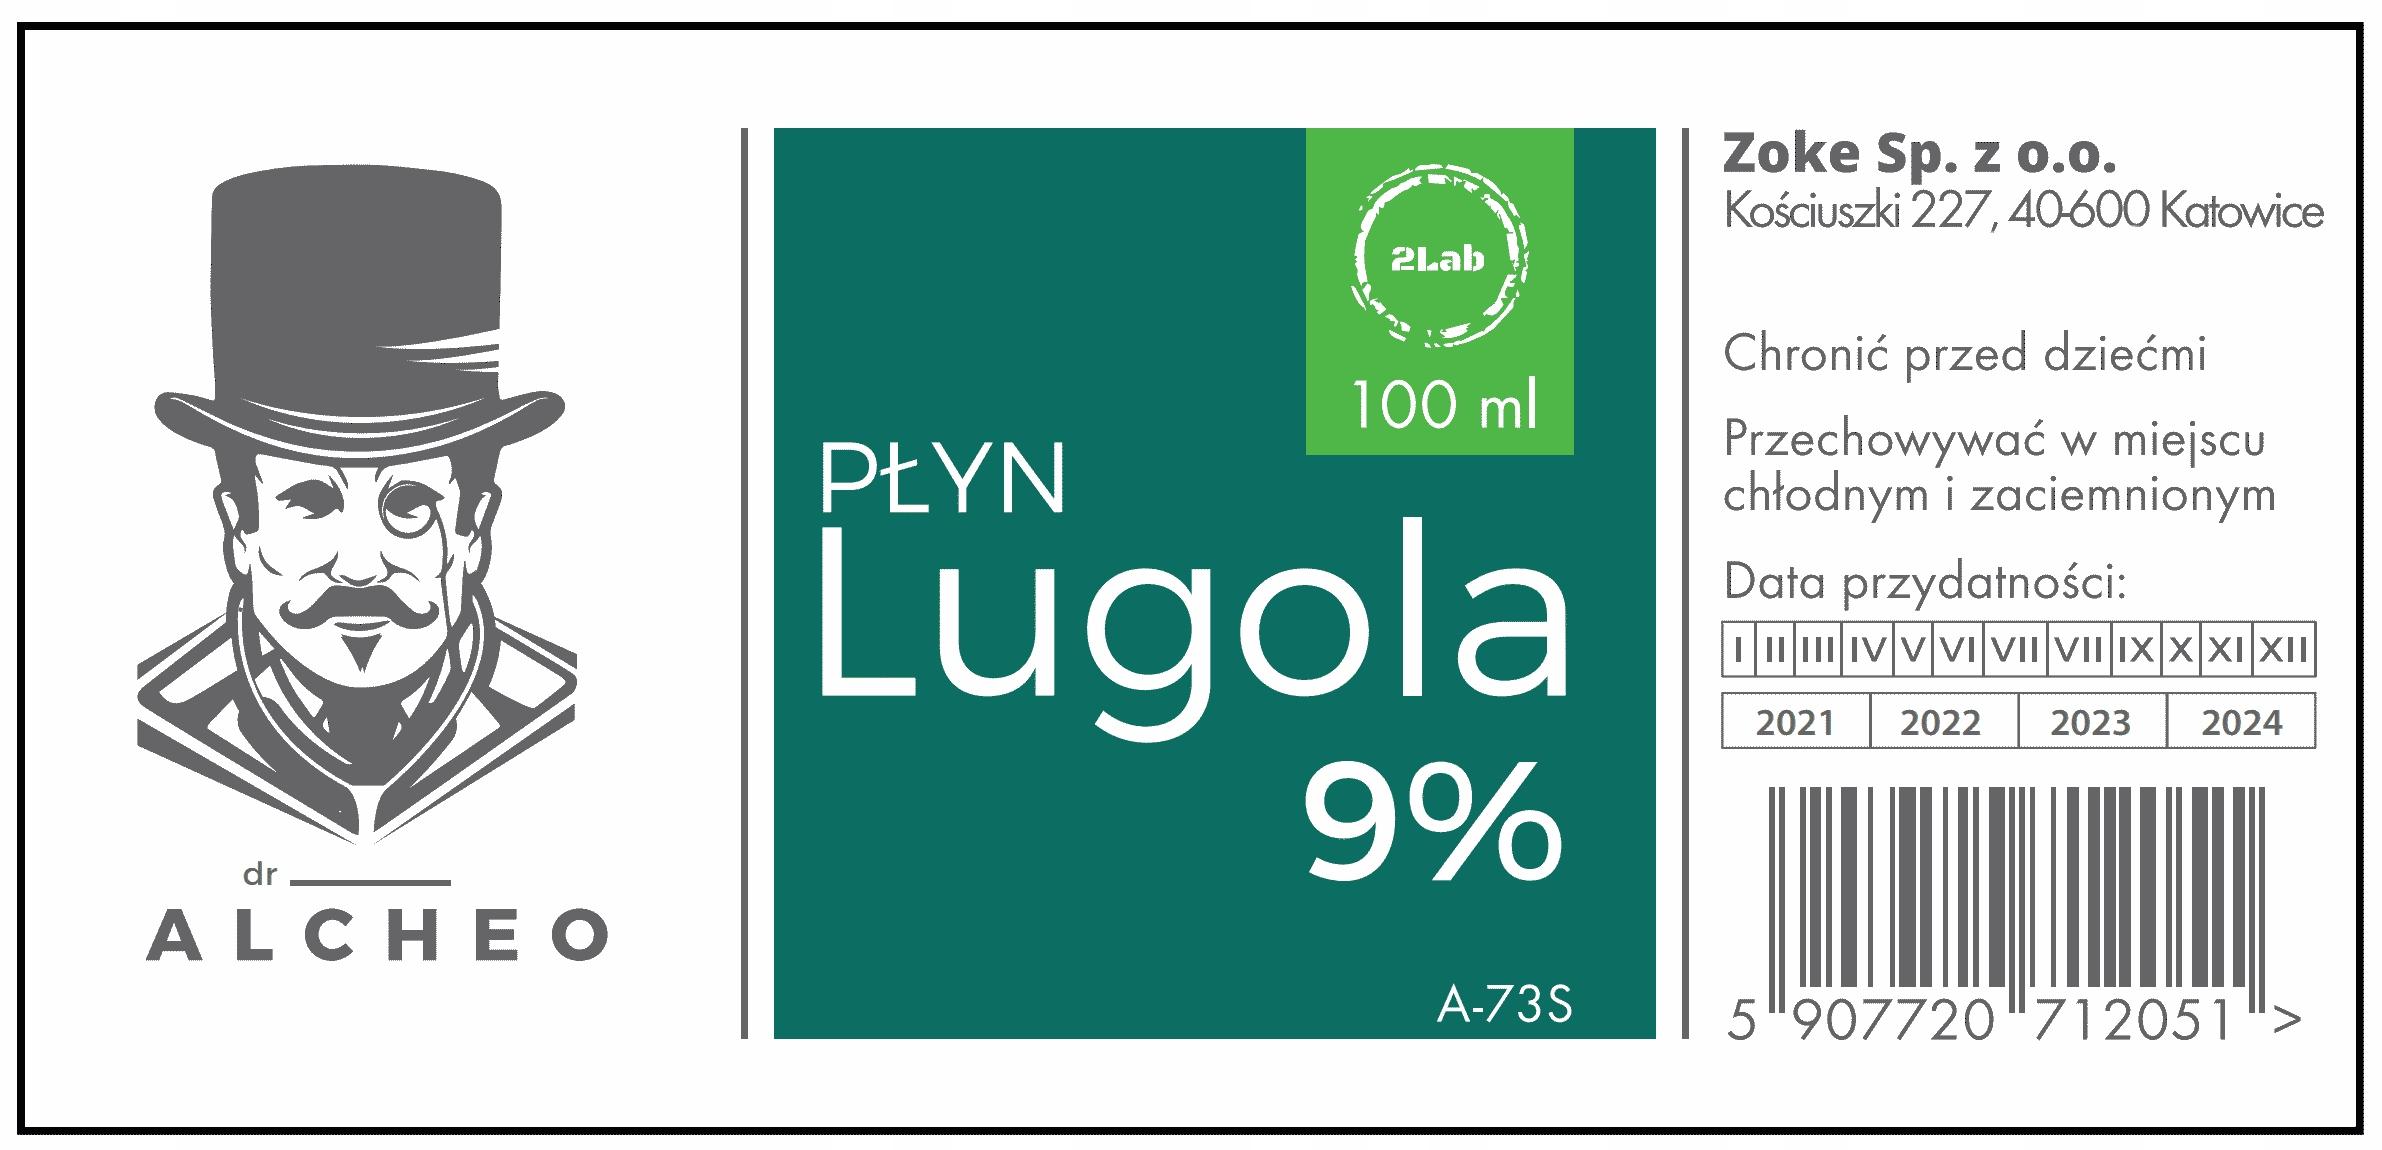 Płyn Lugola 9% - 100ml Ultraczysty. Dr Alcheo Producent Zoke